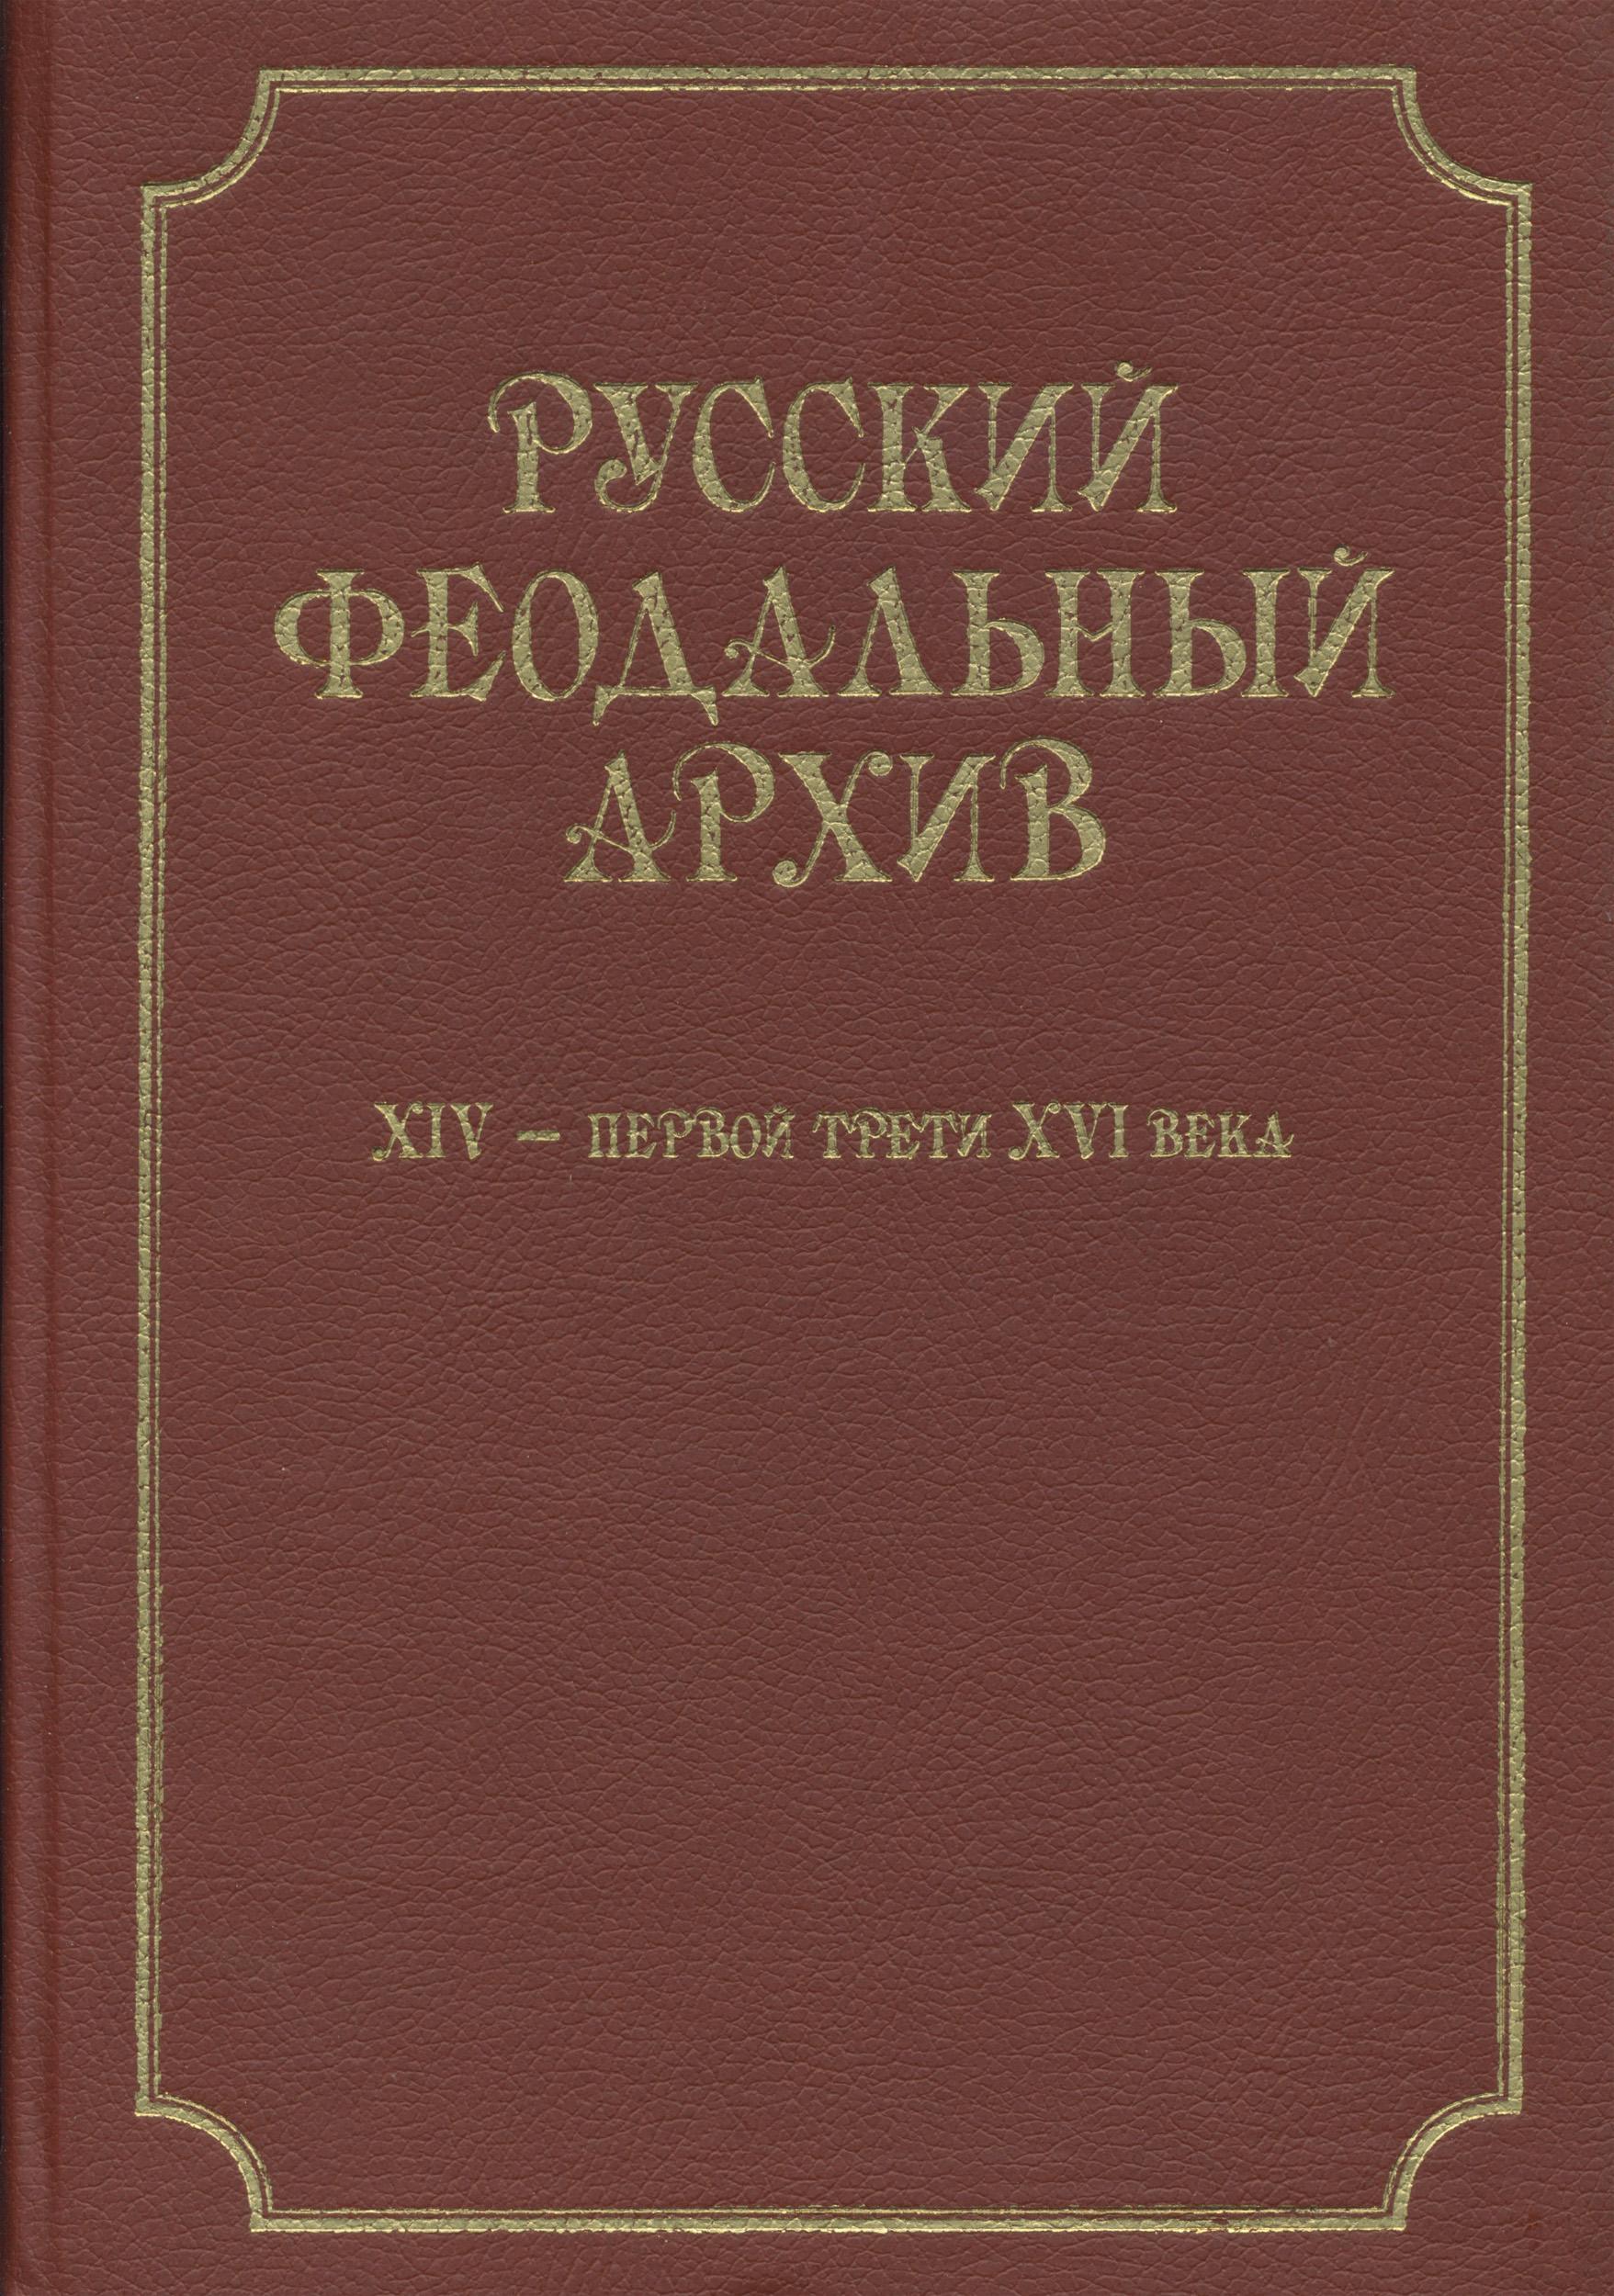 Русский феодальный архив ХIV – первой трети ХVI века